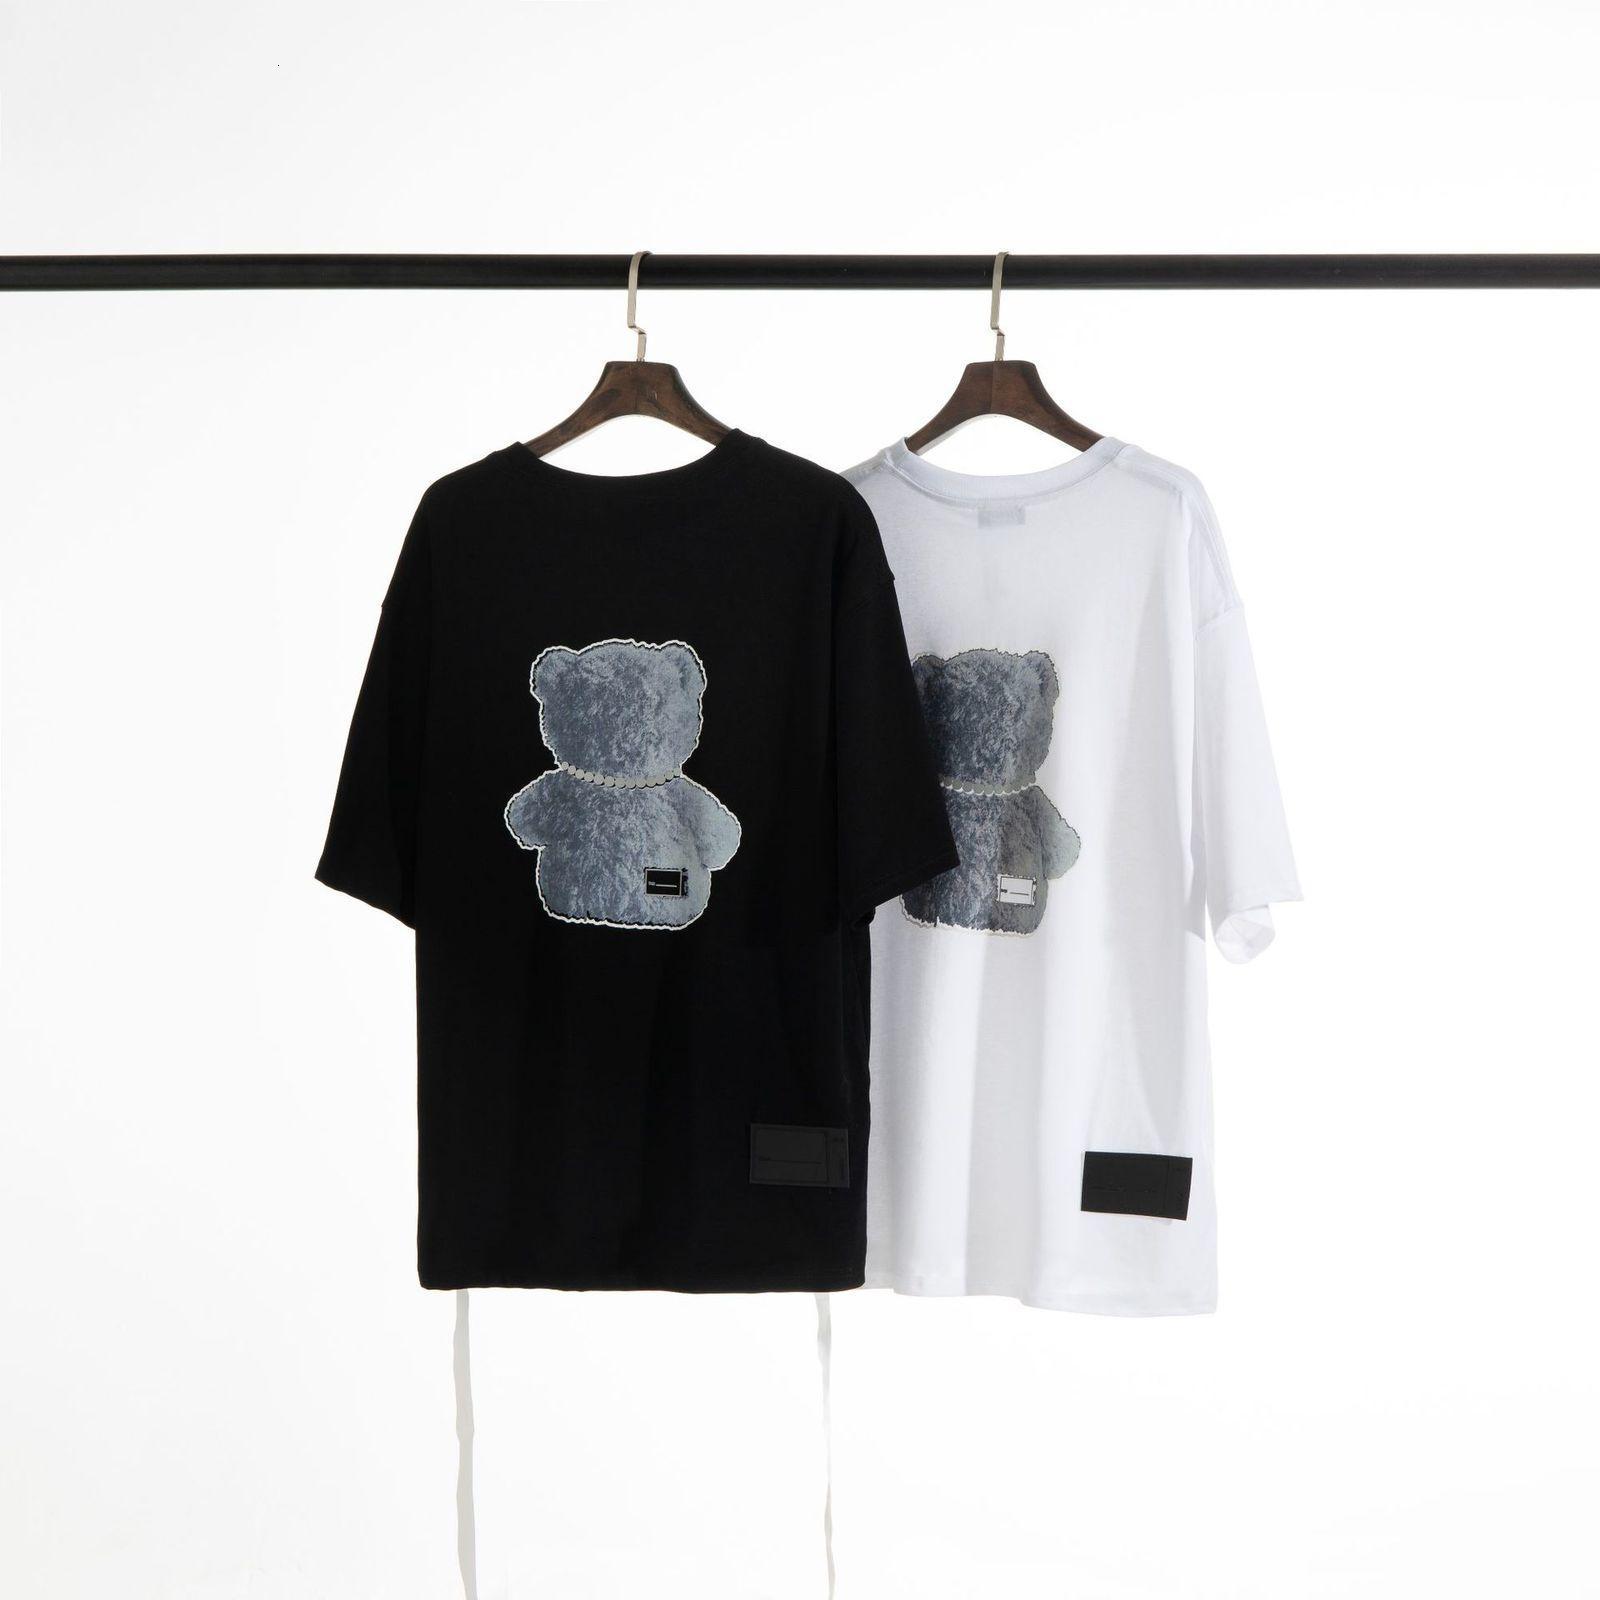 2021 Summer We11 Hecho de impresión de dibujos animados Simple High Street Ocio Pereer Cuello Camiseta Juventud Juvenil